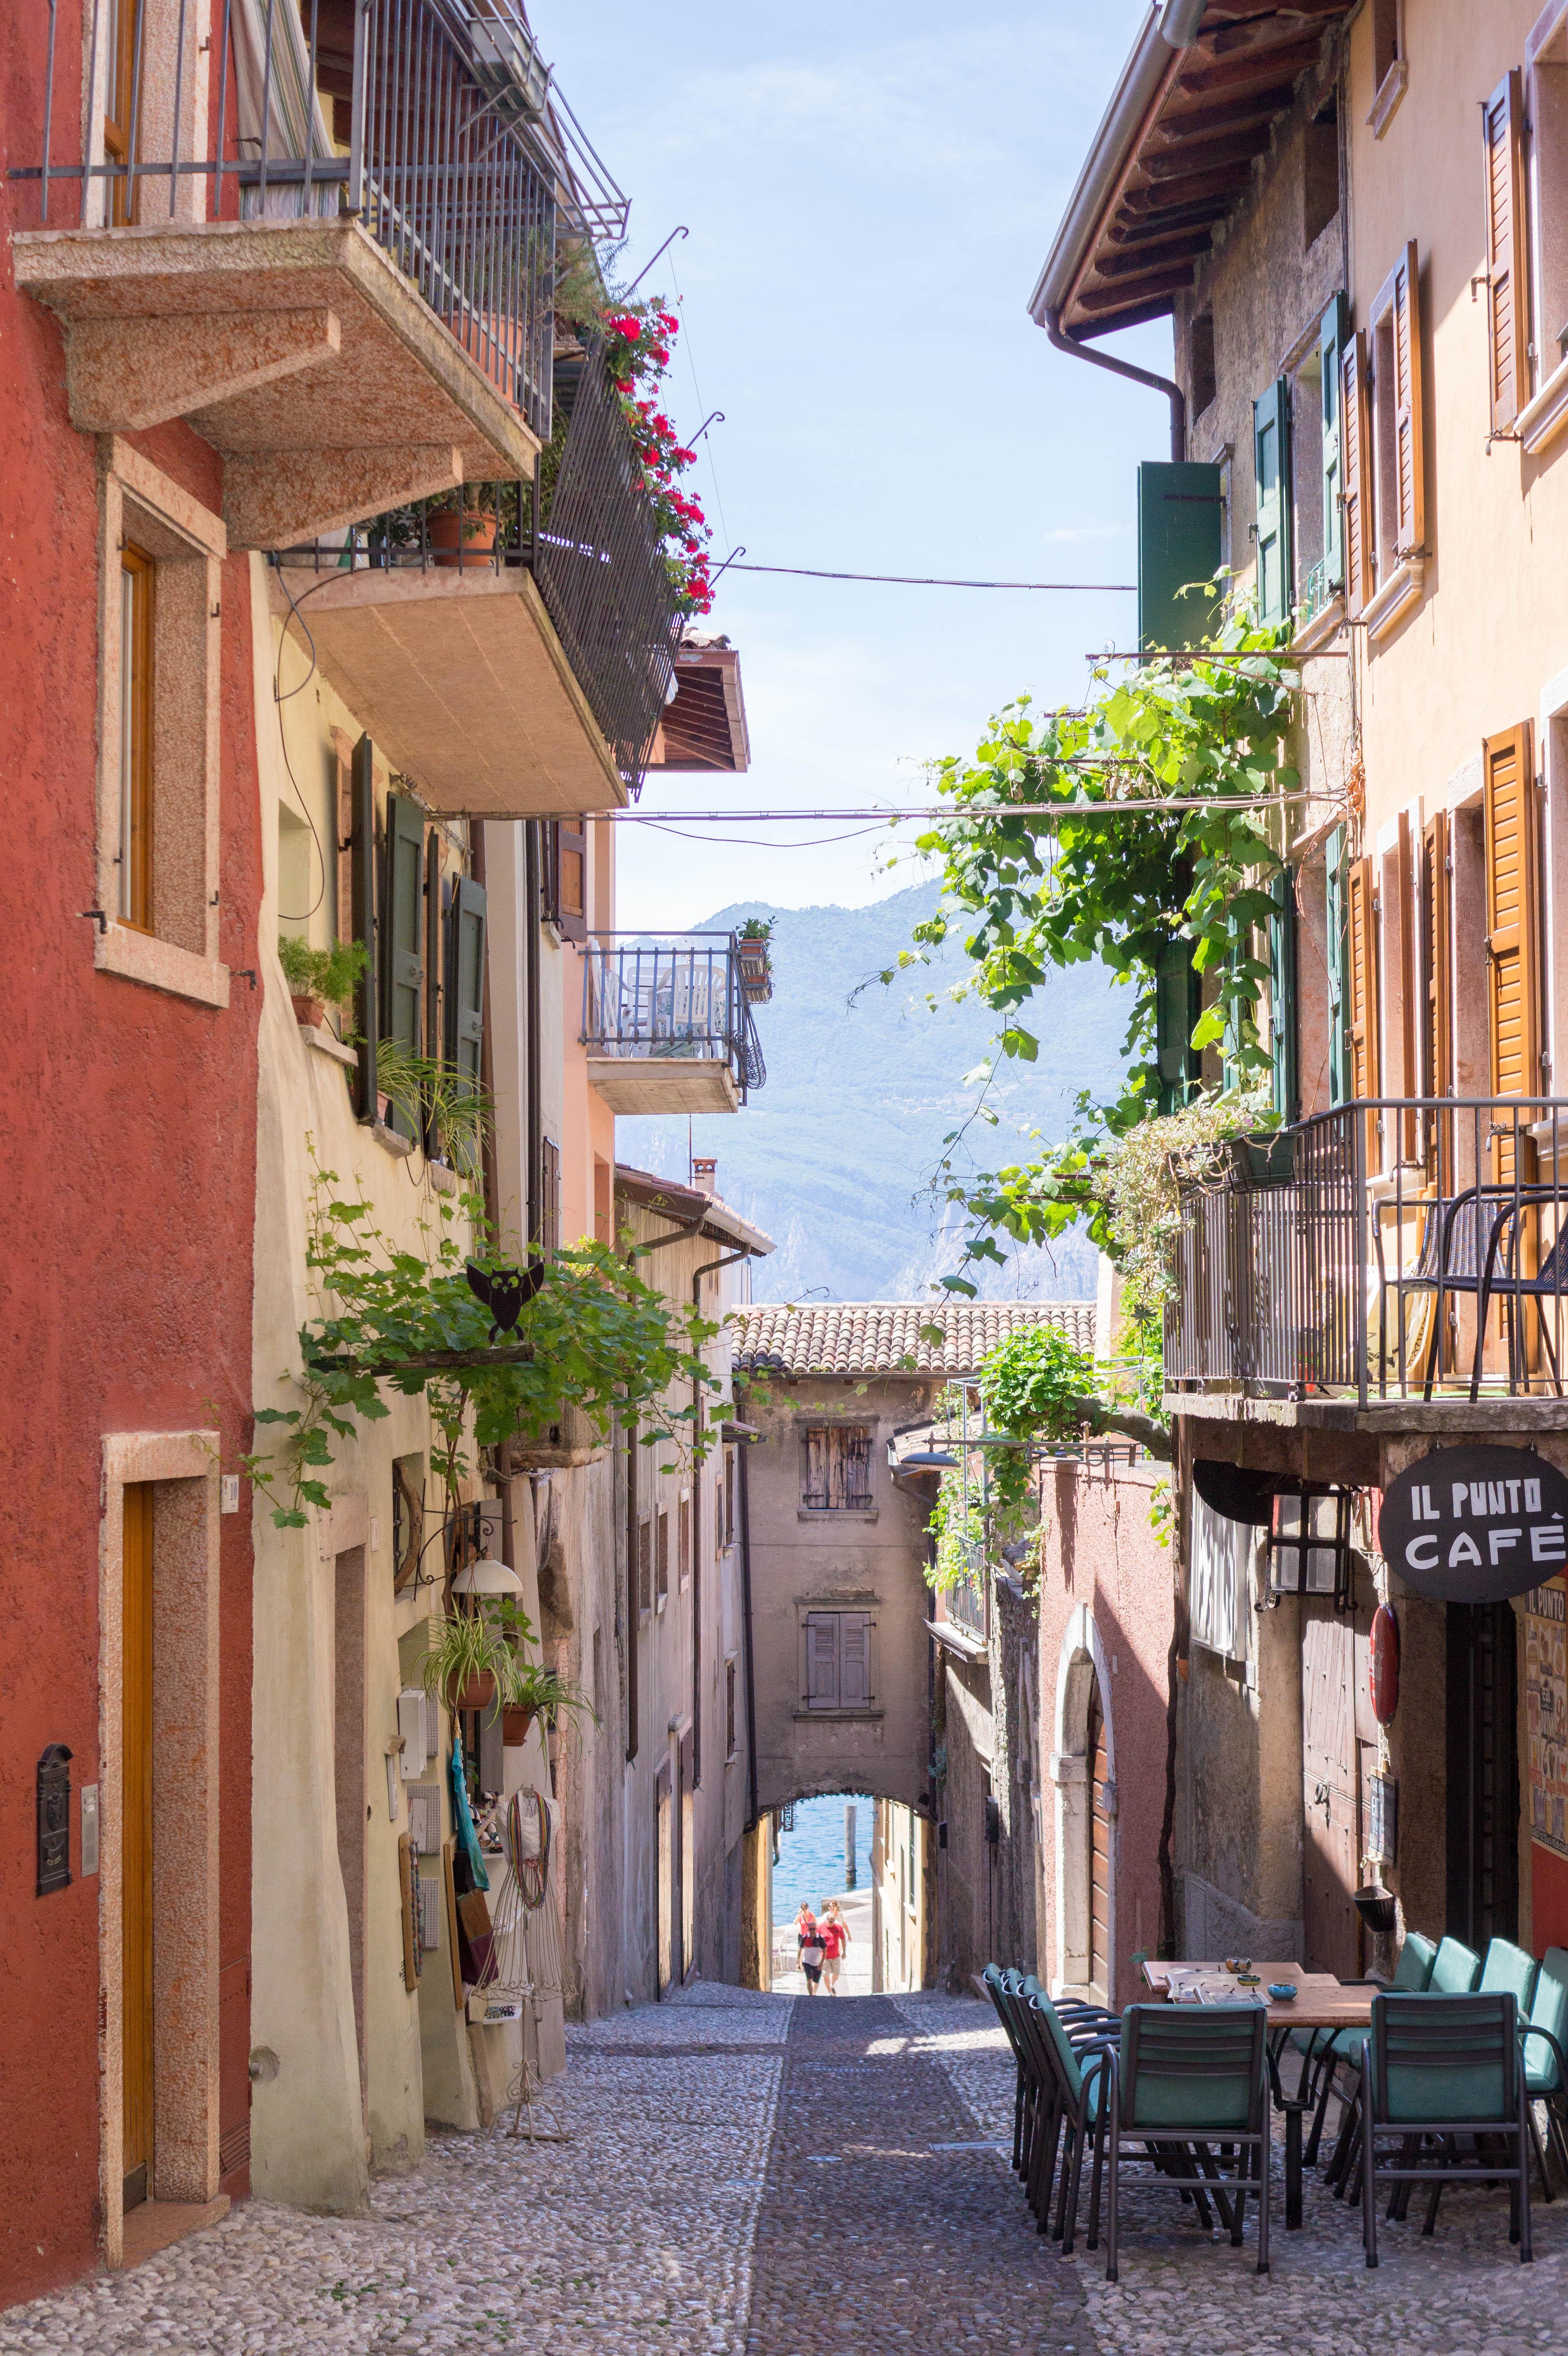 italy italia italien lago di garda lake garda travel blog alley